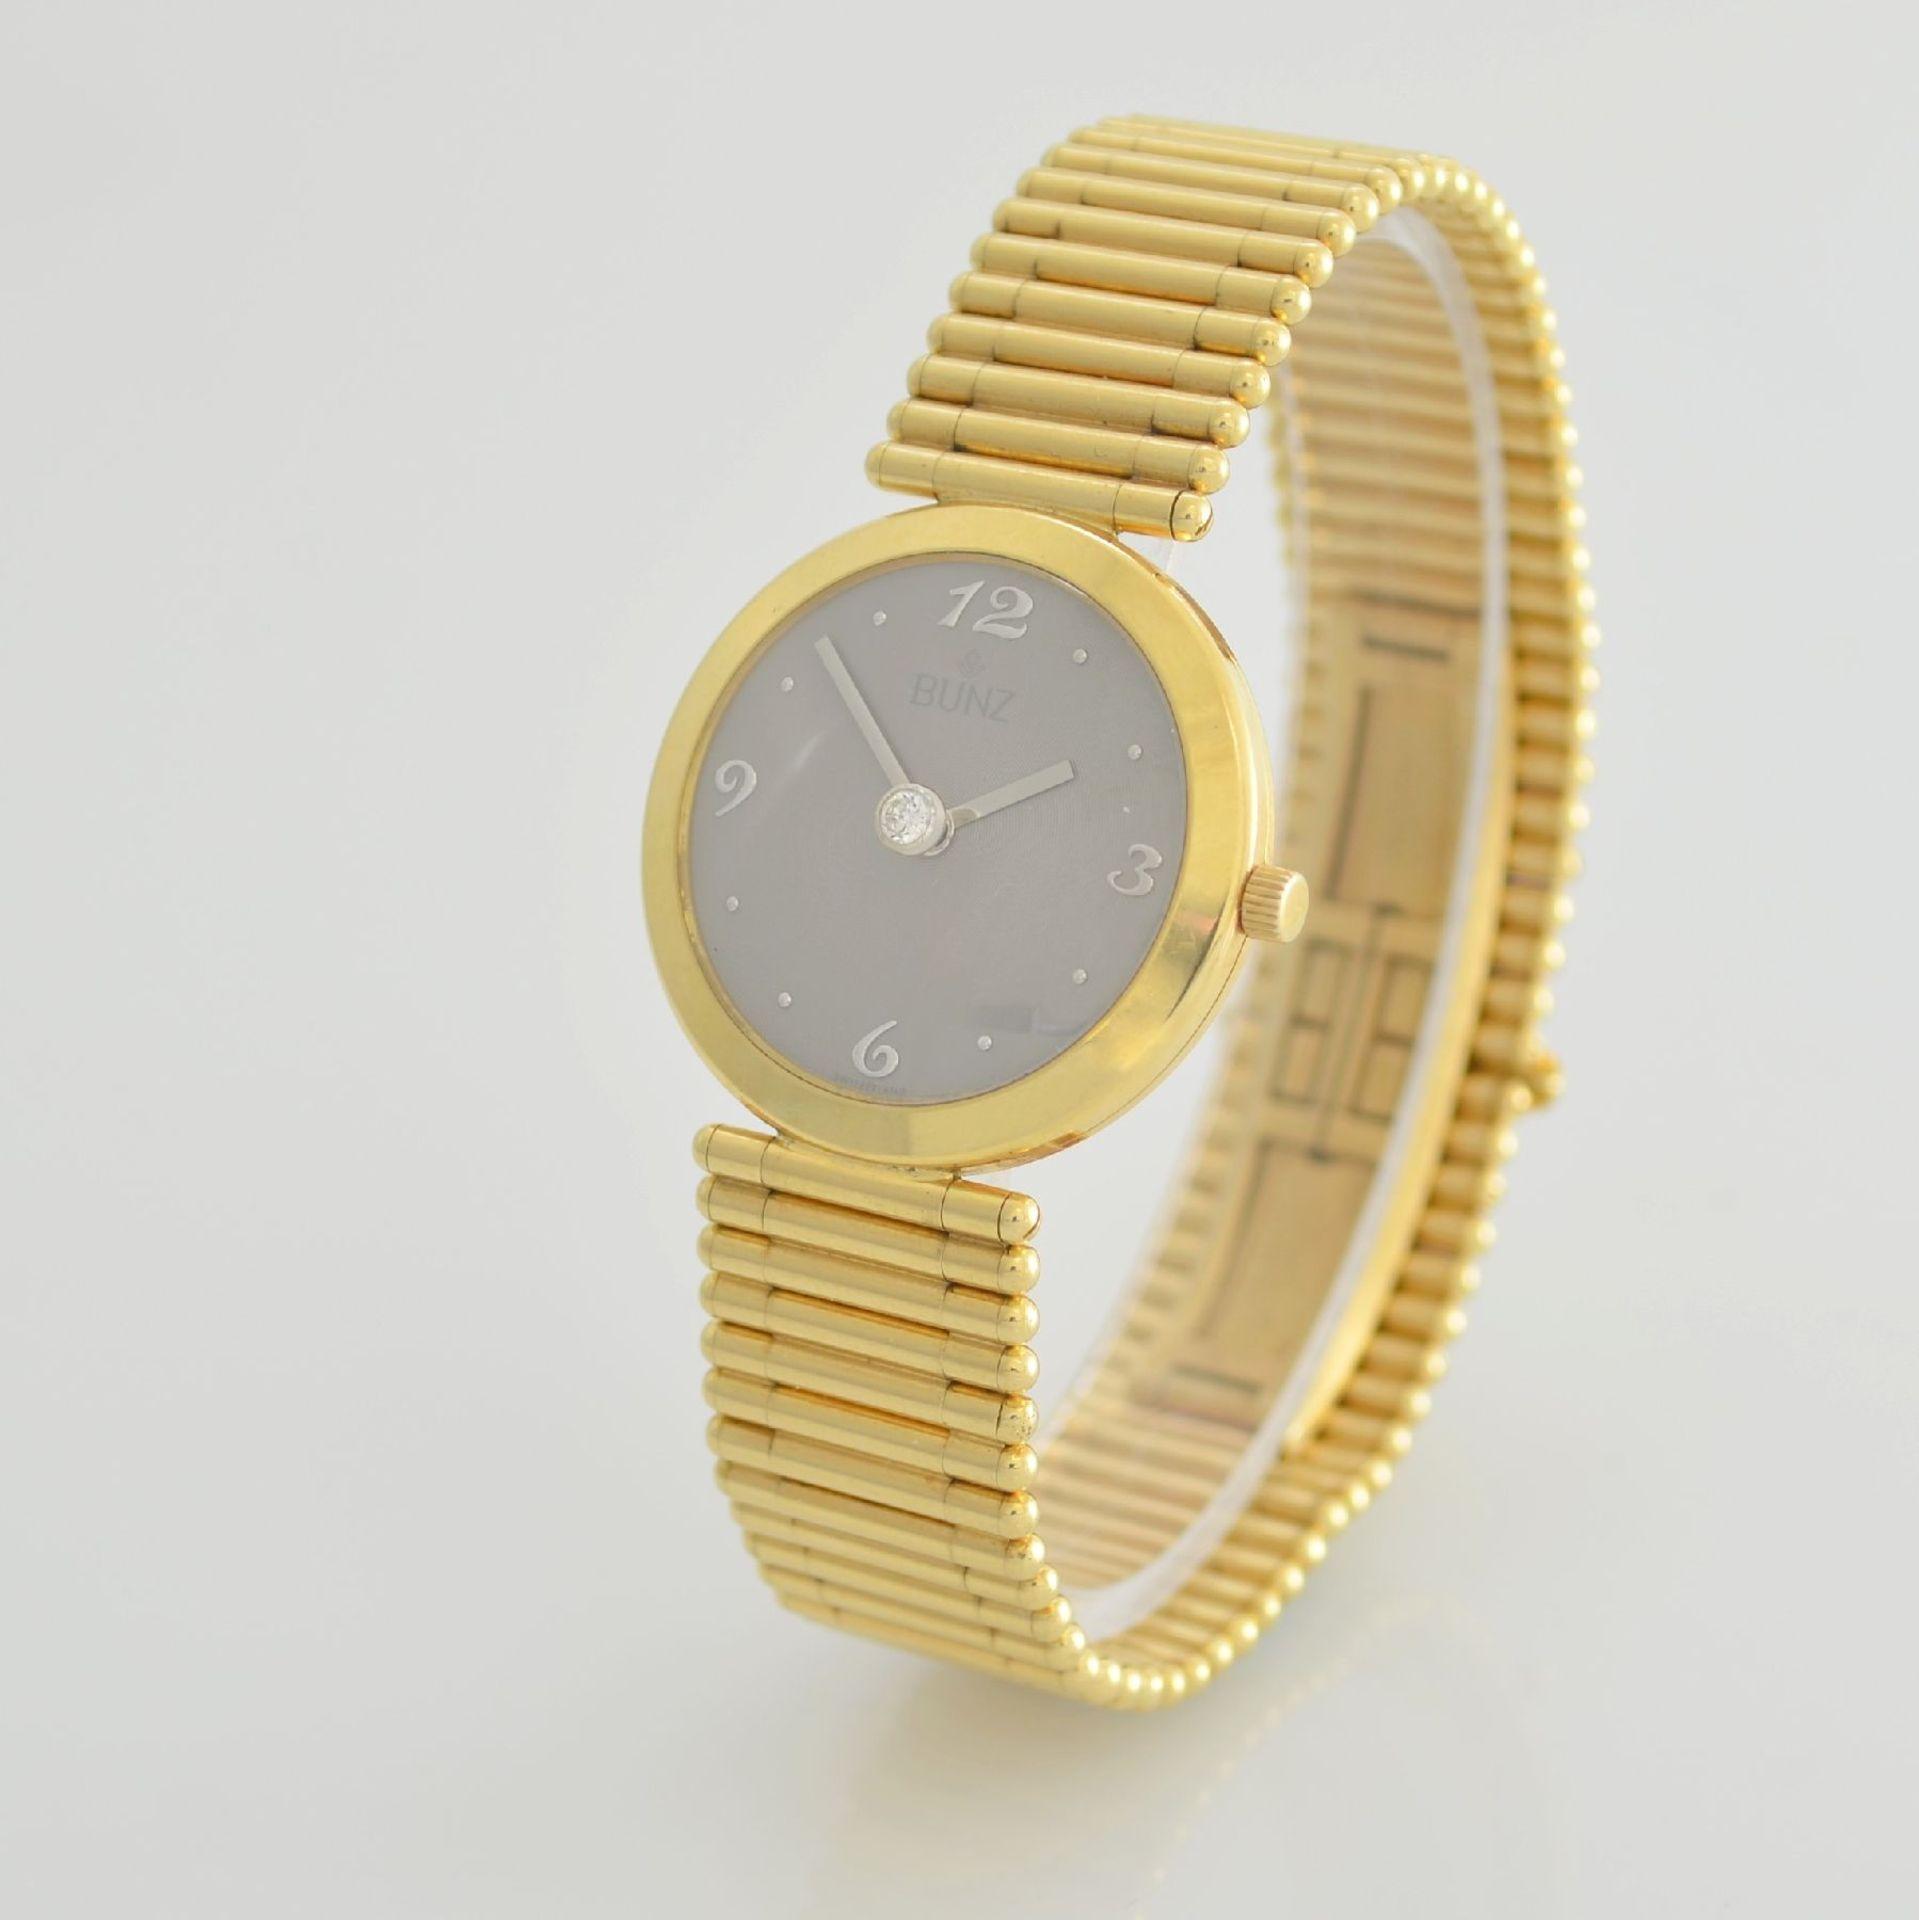 """BUNZ Damenarmbanduhr """"Diamondwatch"""" in GG 750/000, 5-fach verschr. Geh. mit integr. GG 750/000 - Bild 3 aus 9"""